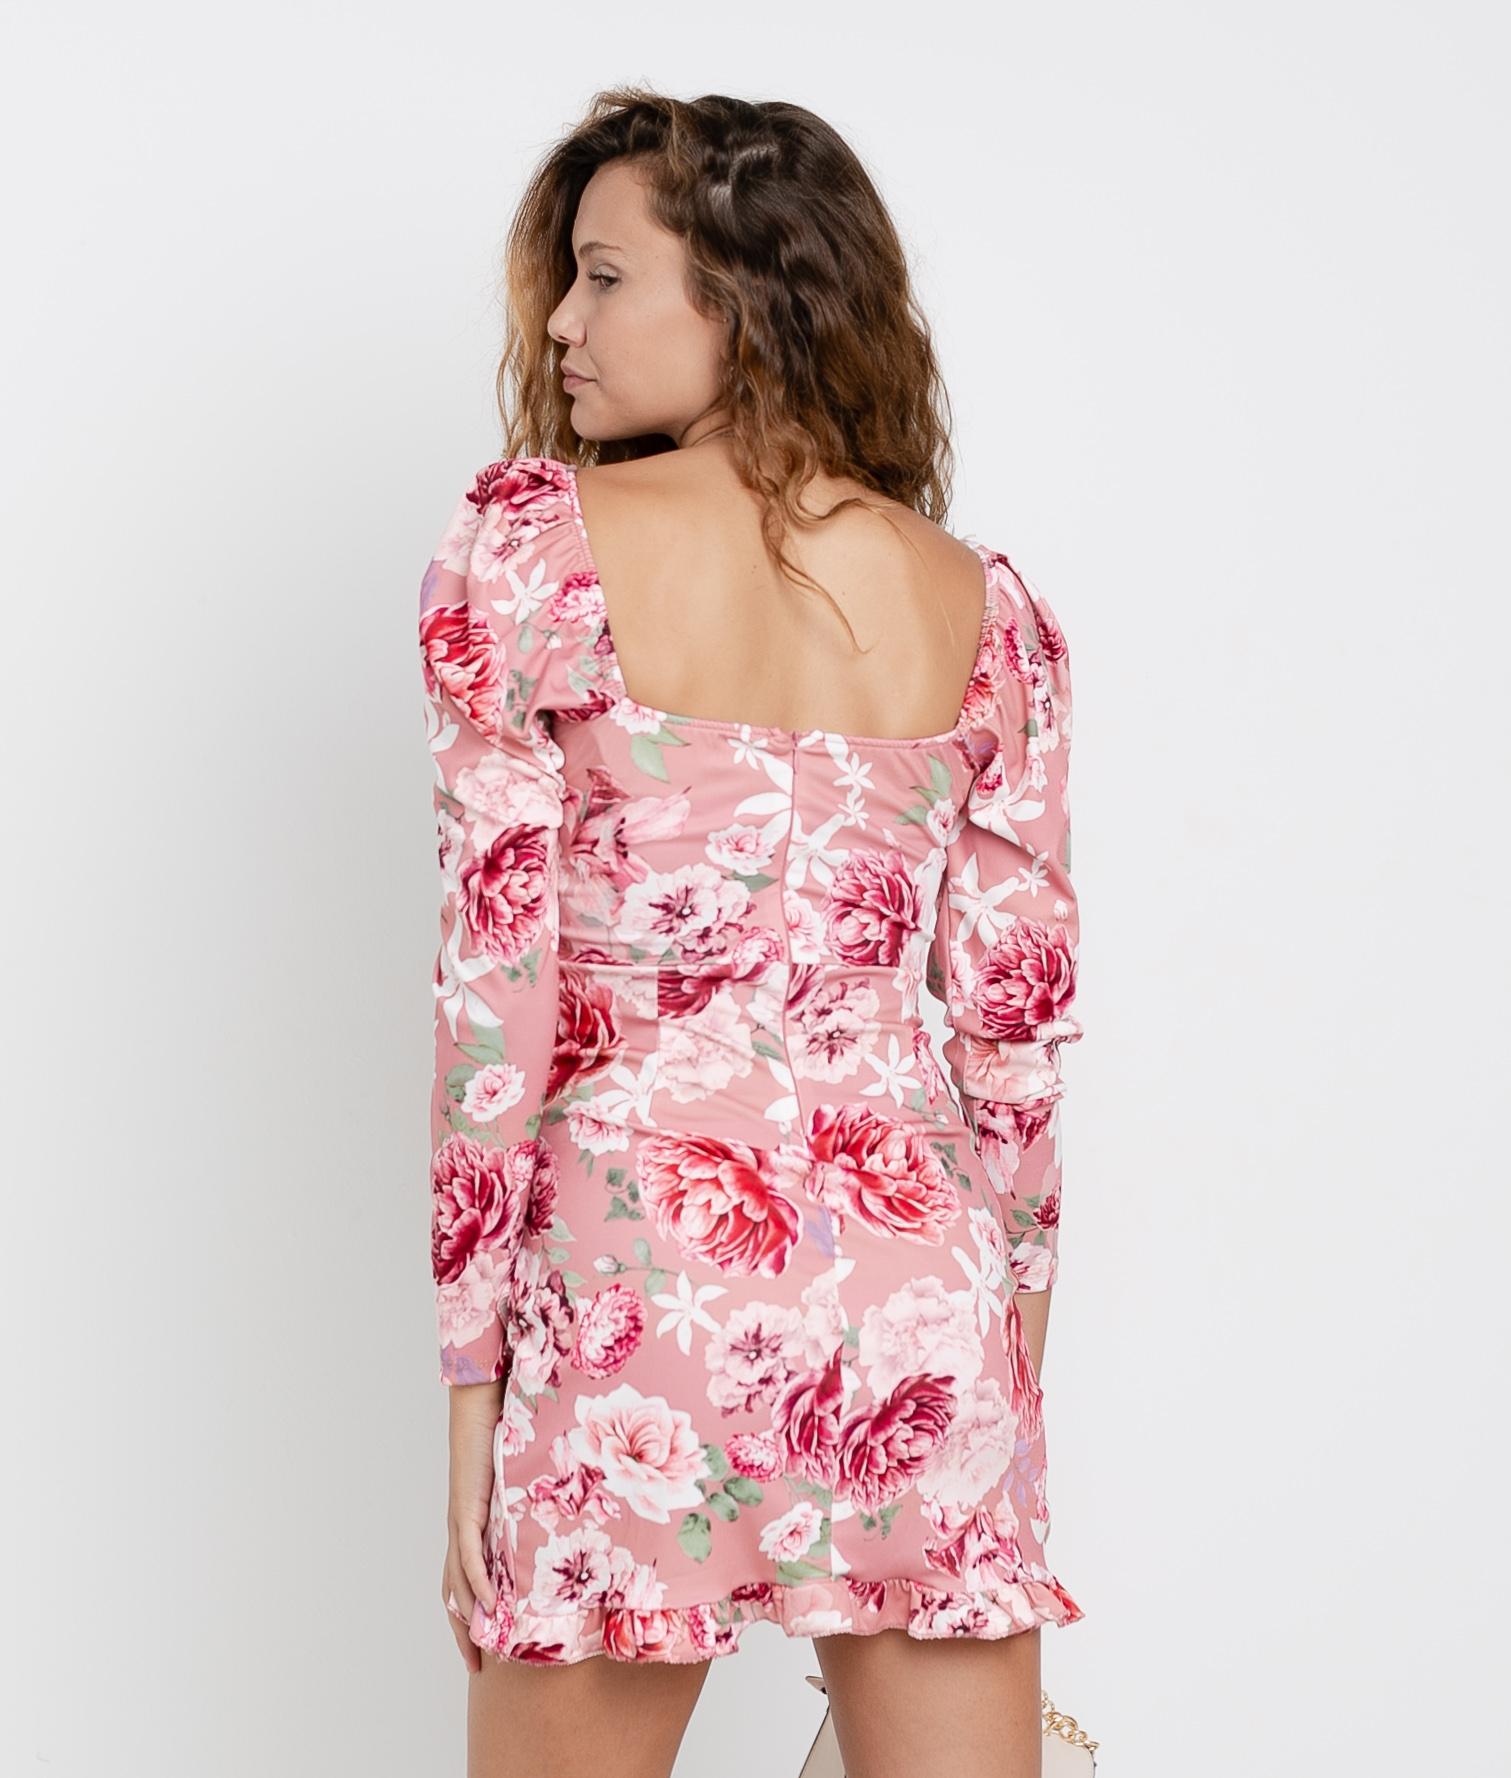 ARIYA DRESS - PINK